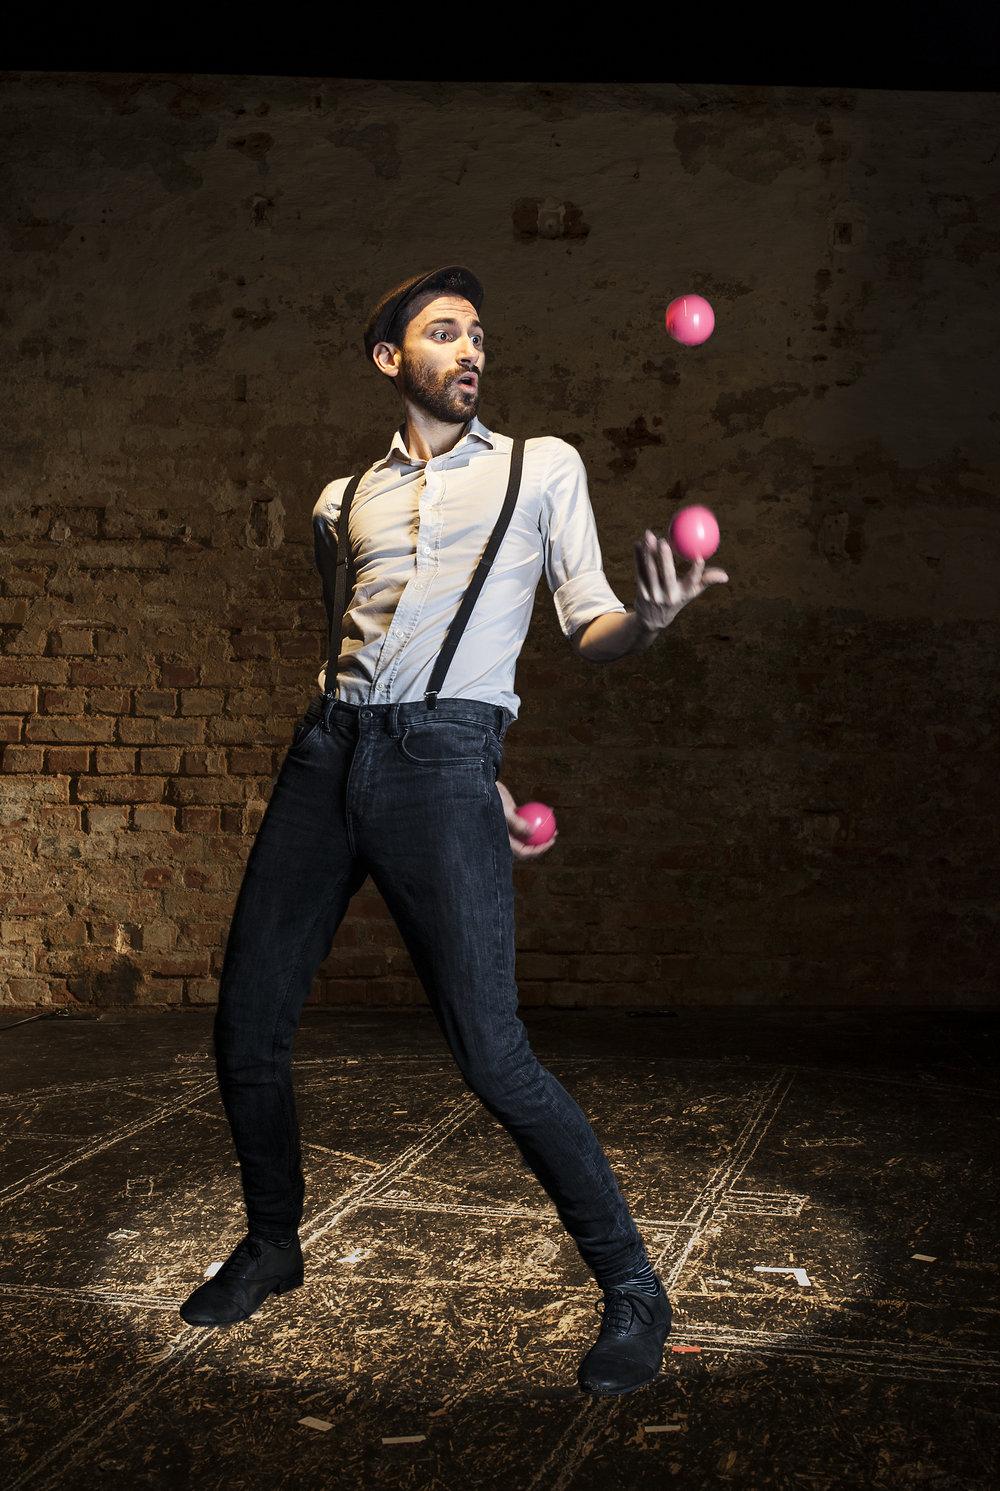 jongleur1703-1644-2.jpg